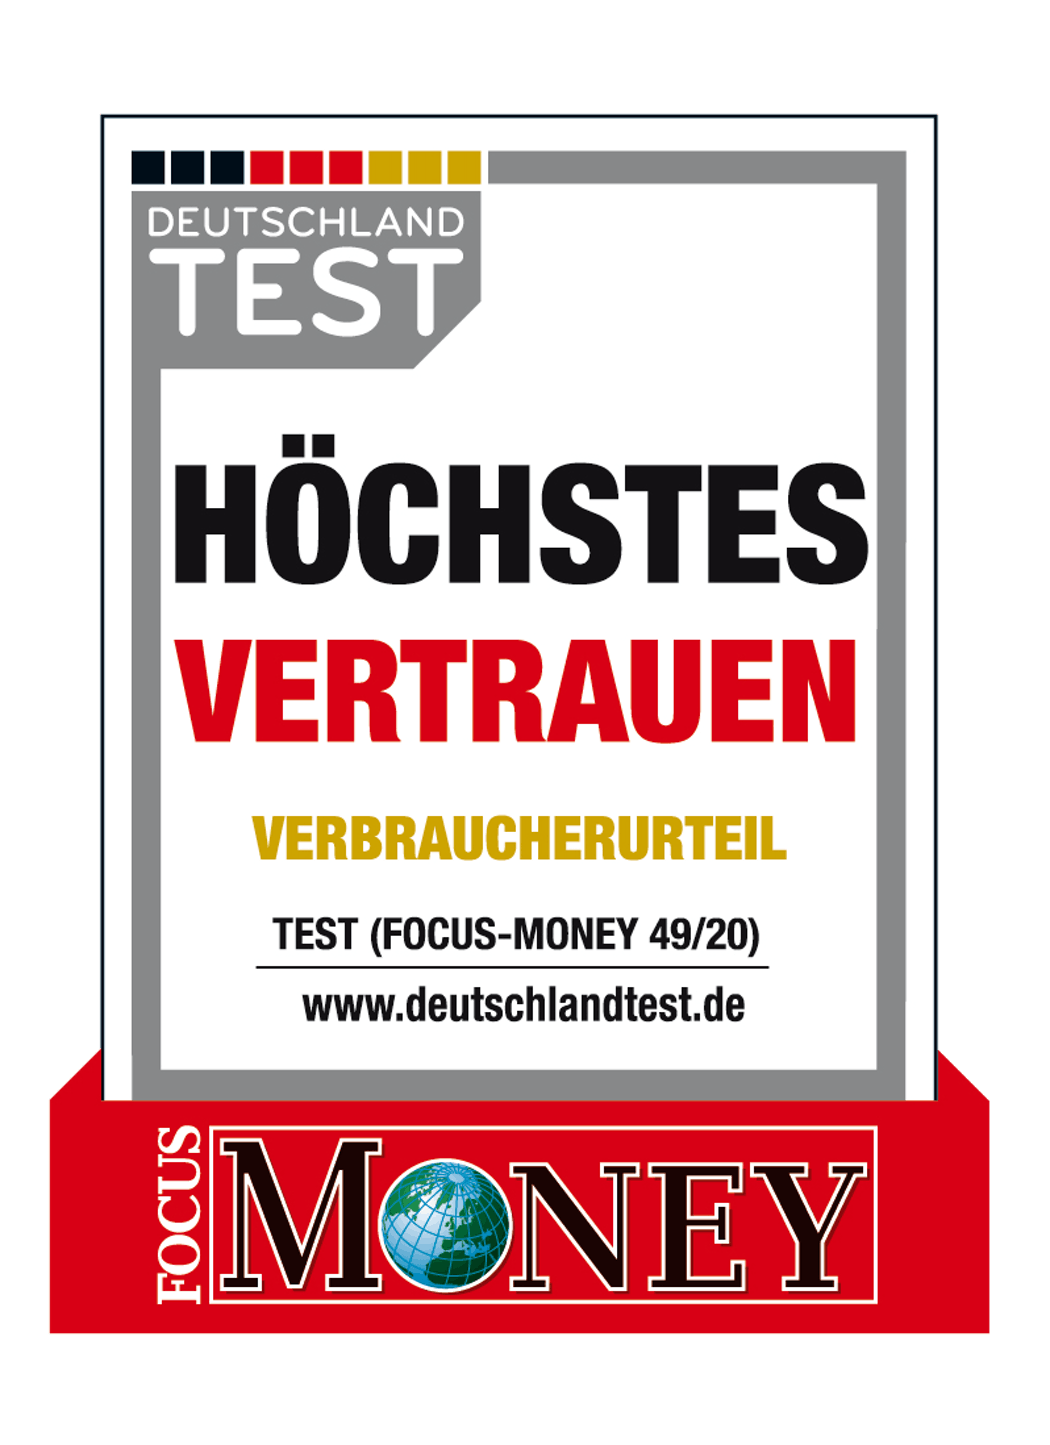 Höchstes Vertrauen für Golden Gates Edelmetalle AG (Focus-Money 49/20)